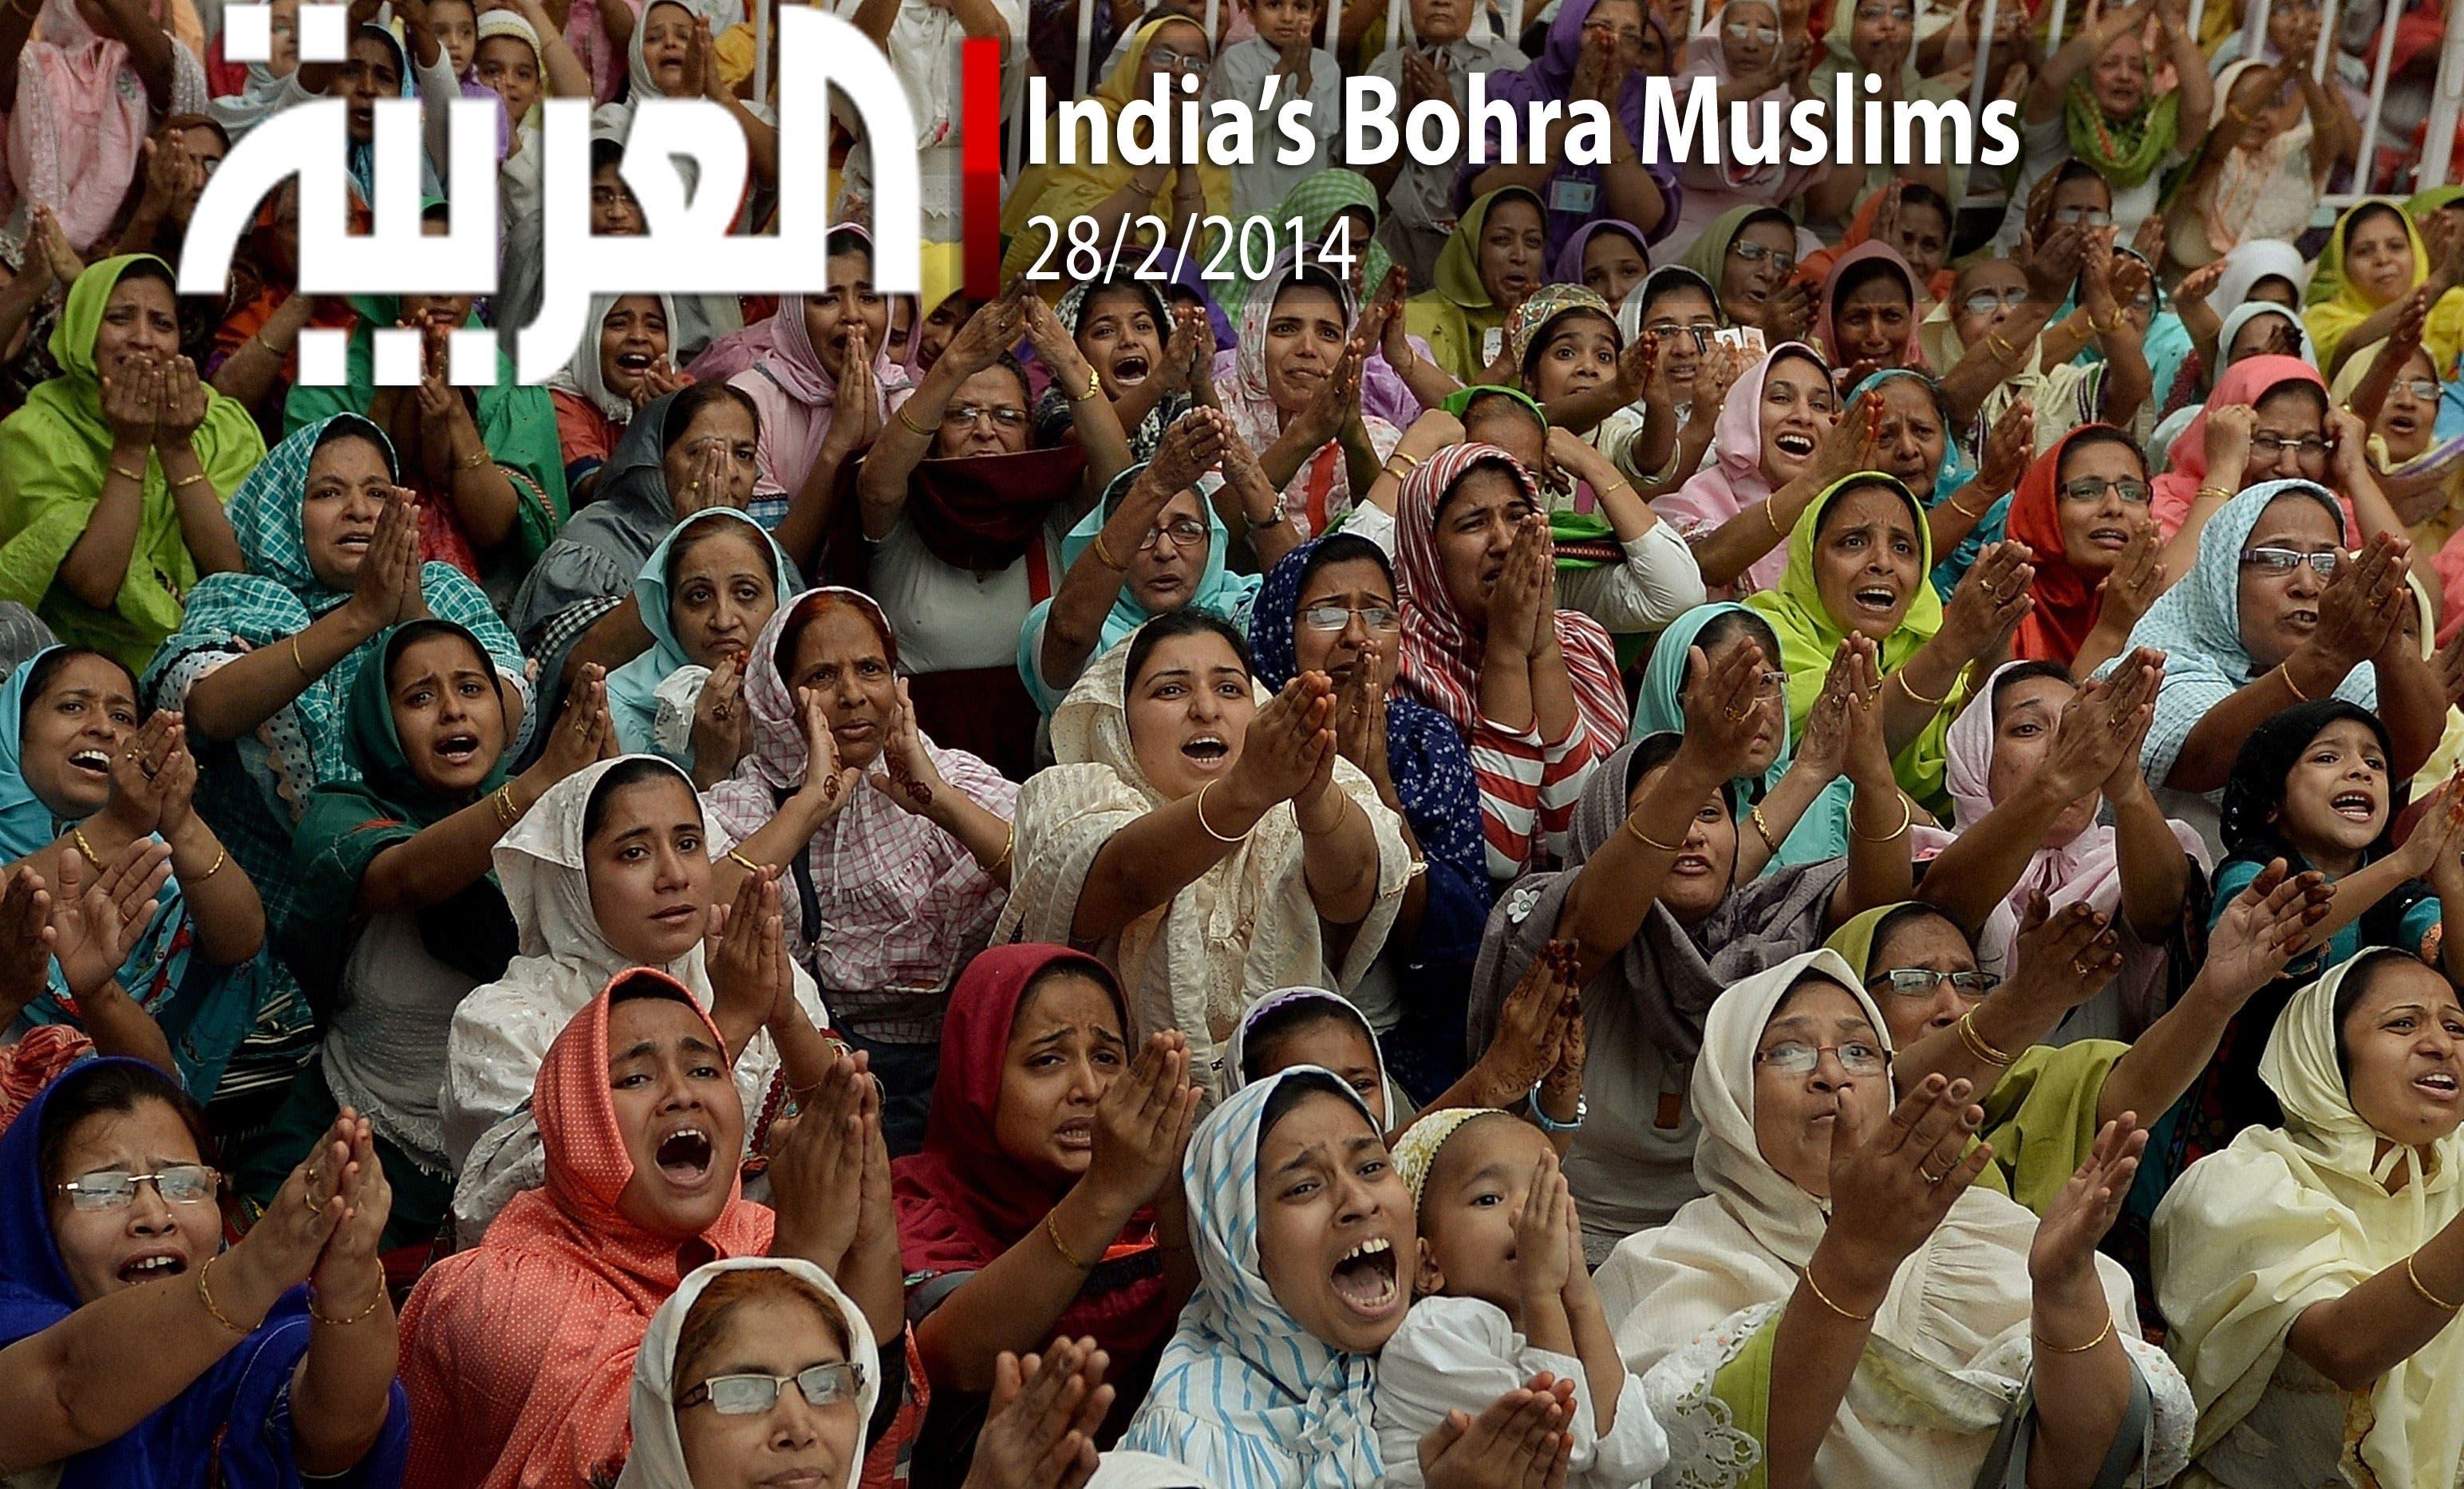 India's Bohra Muslims